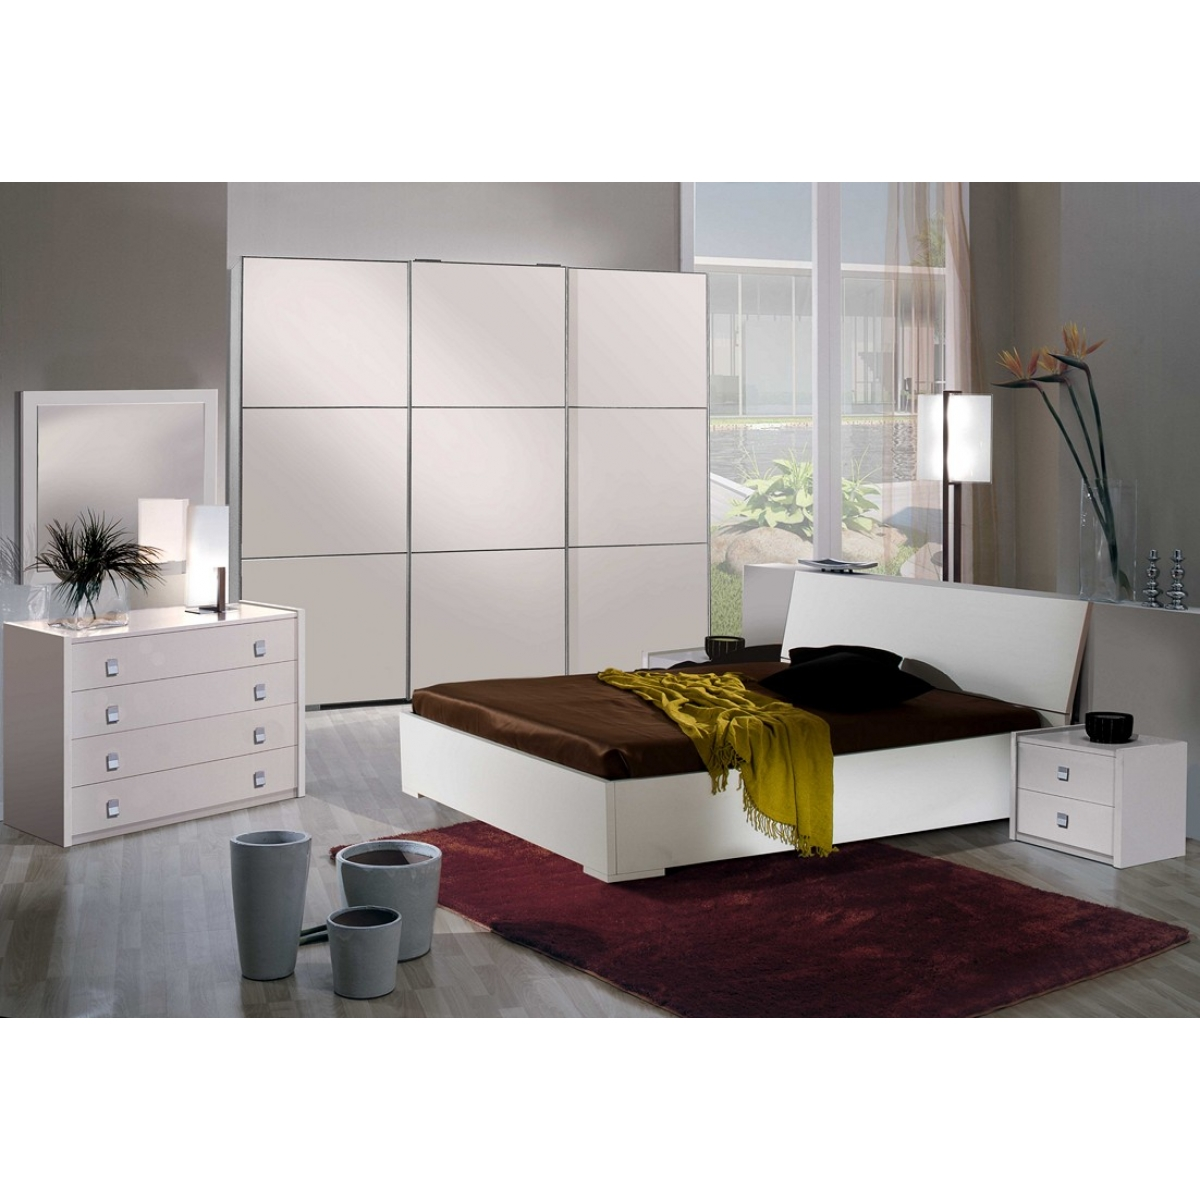 Camera Da Letto Larice Bianco : Camera da letto larice bianco ante scorrevoli